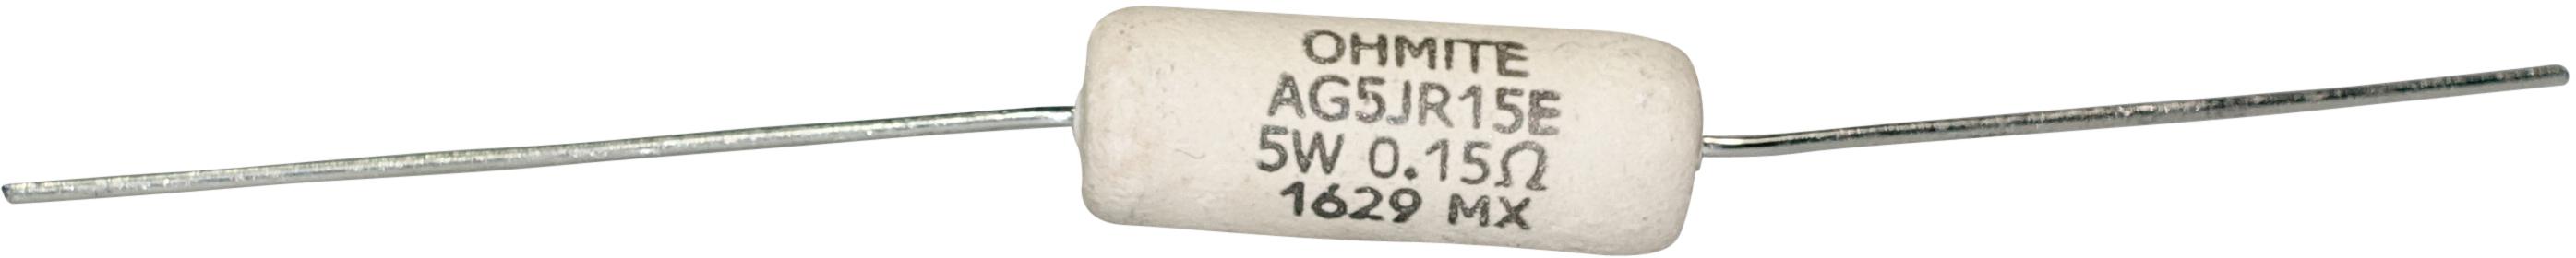 Ohmite Audio Gold 5W - 0,91 Ohm